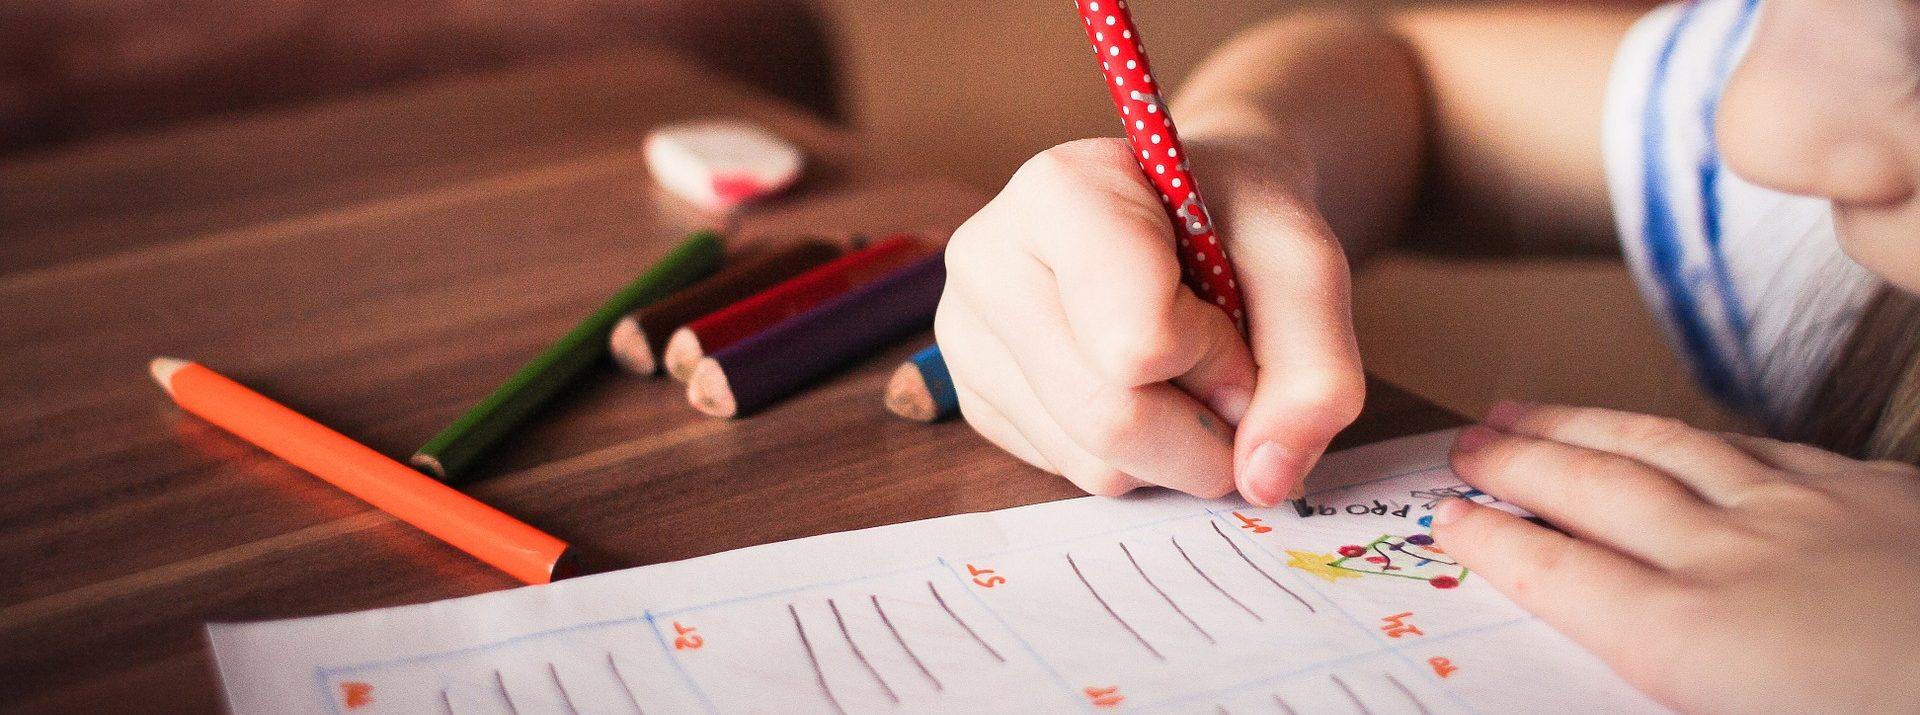 La Dislexia, la Disgrafia y la Discalculia: trastorns específics de l'aprenentatge